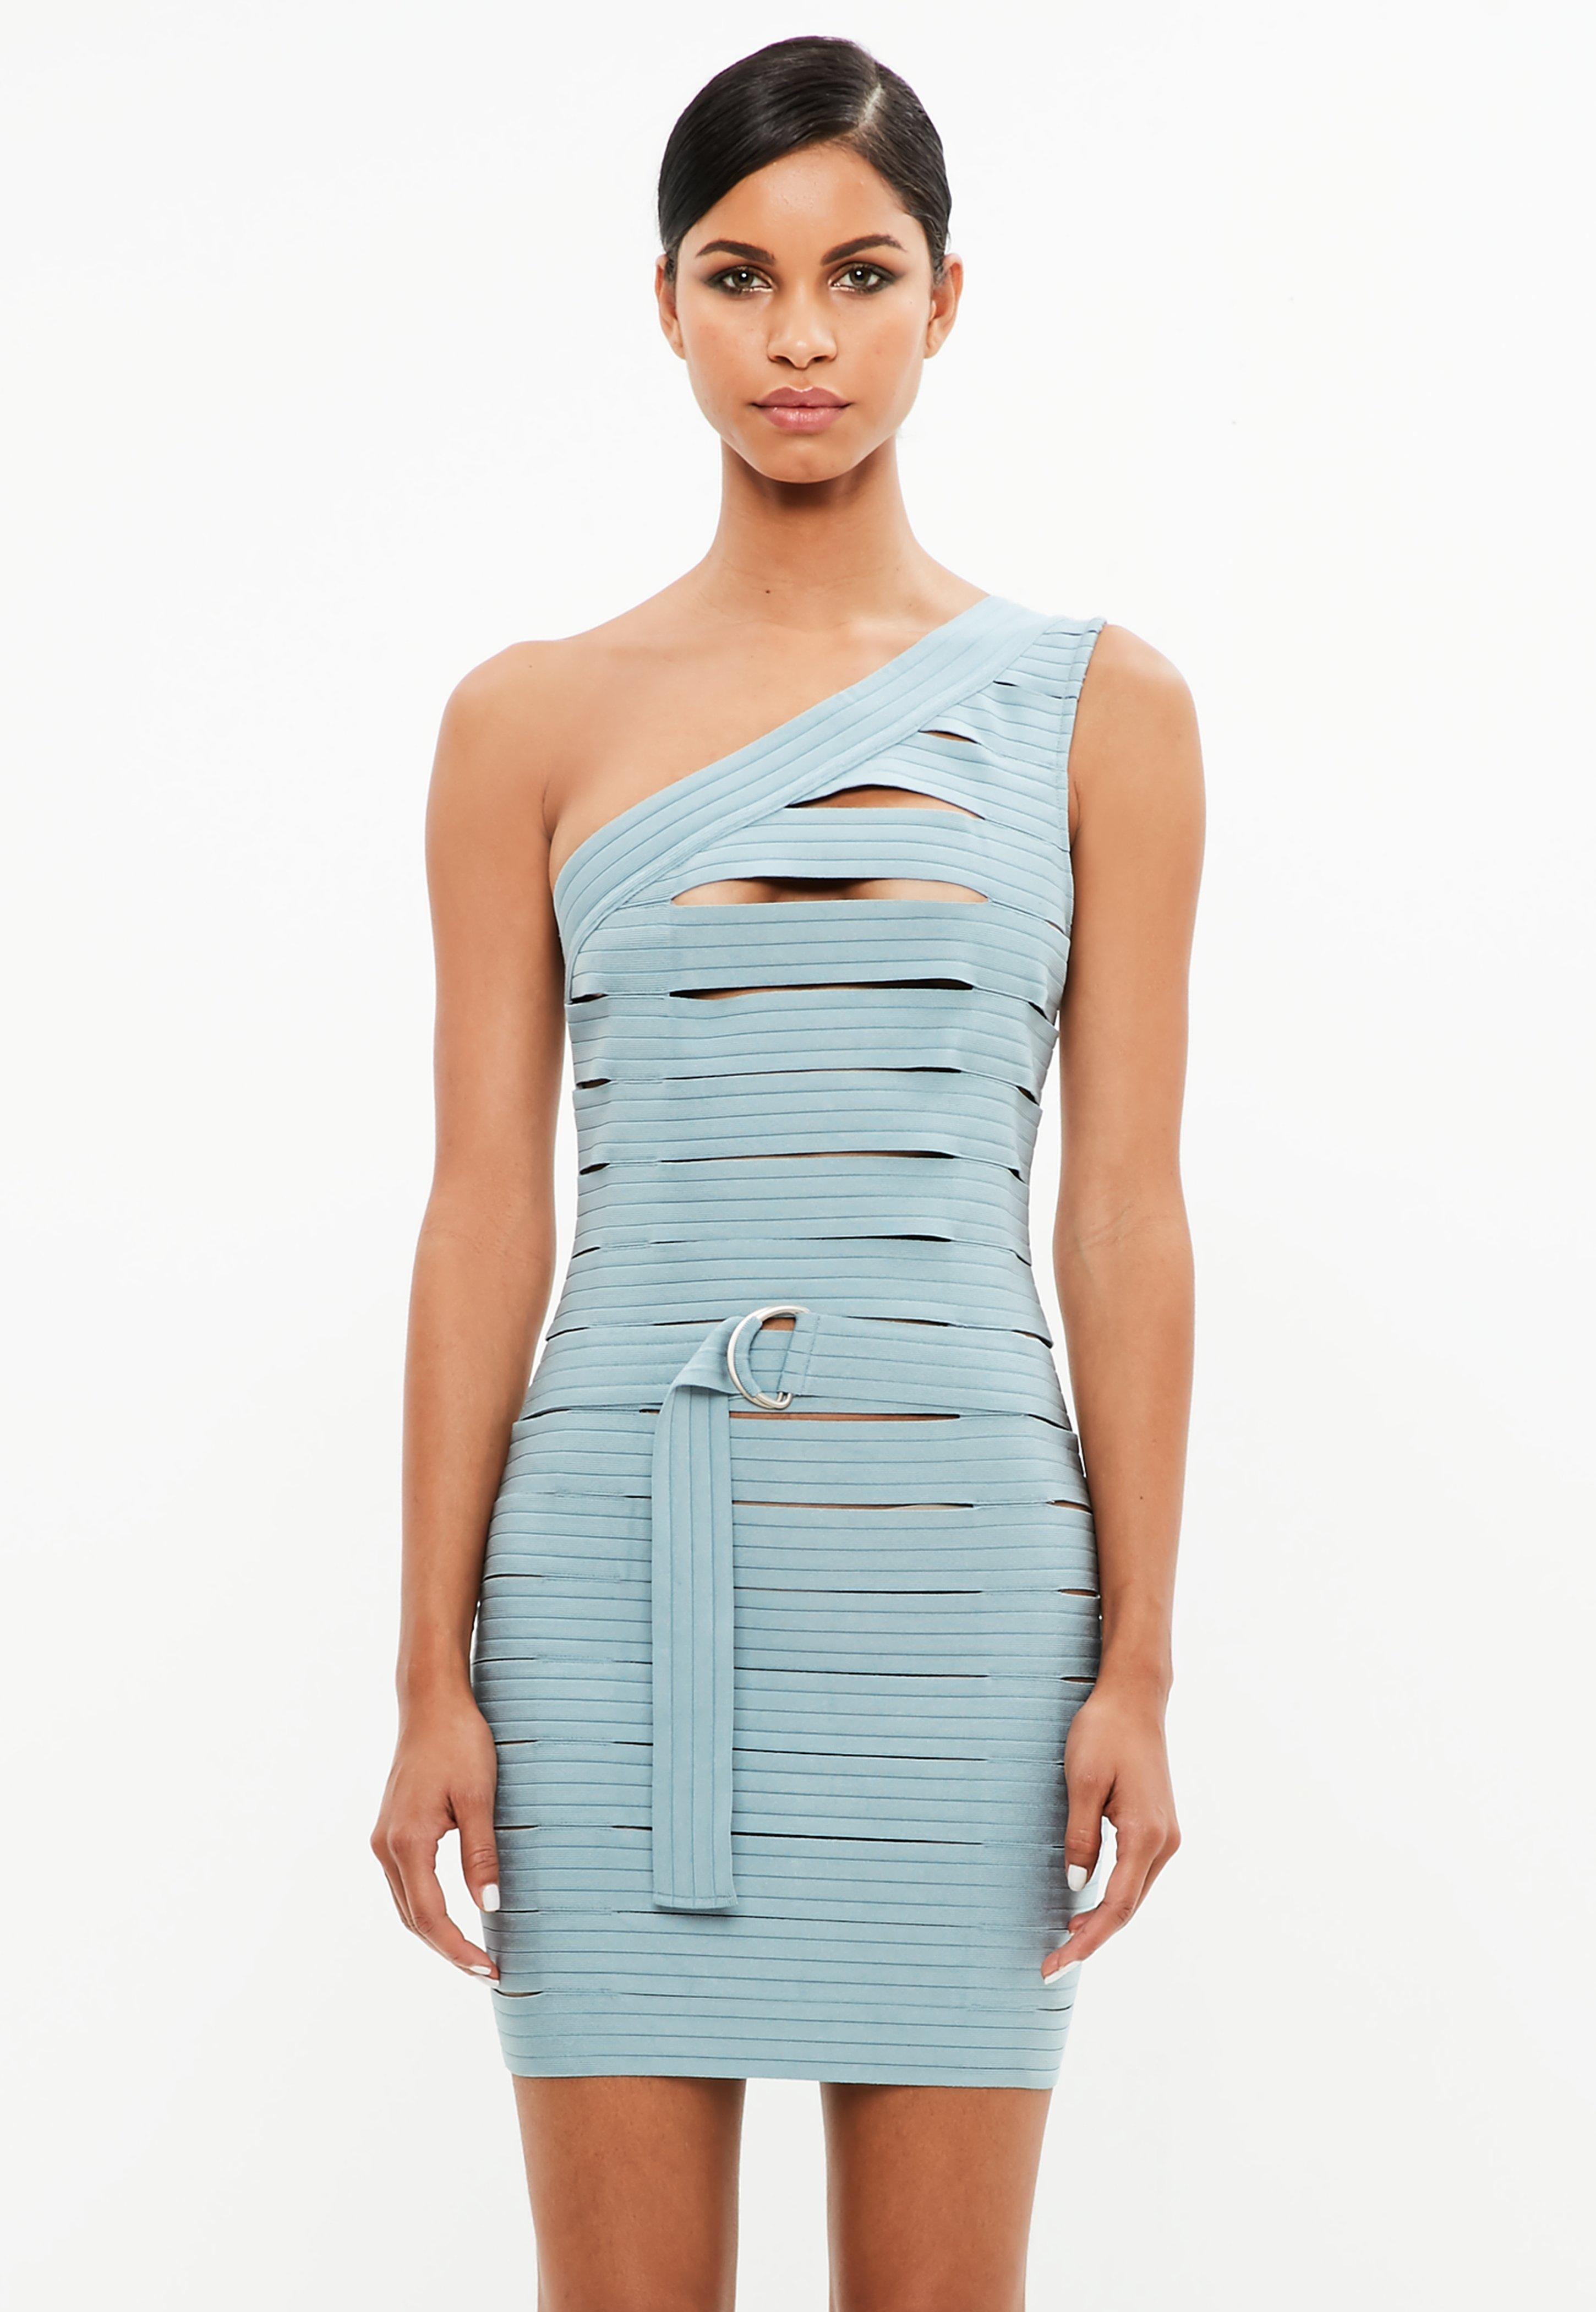 Missguided Robe asymétrique bleue Peace + Love 0k70i